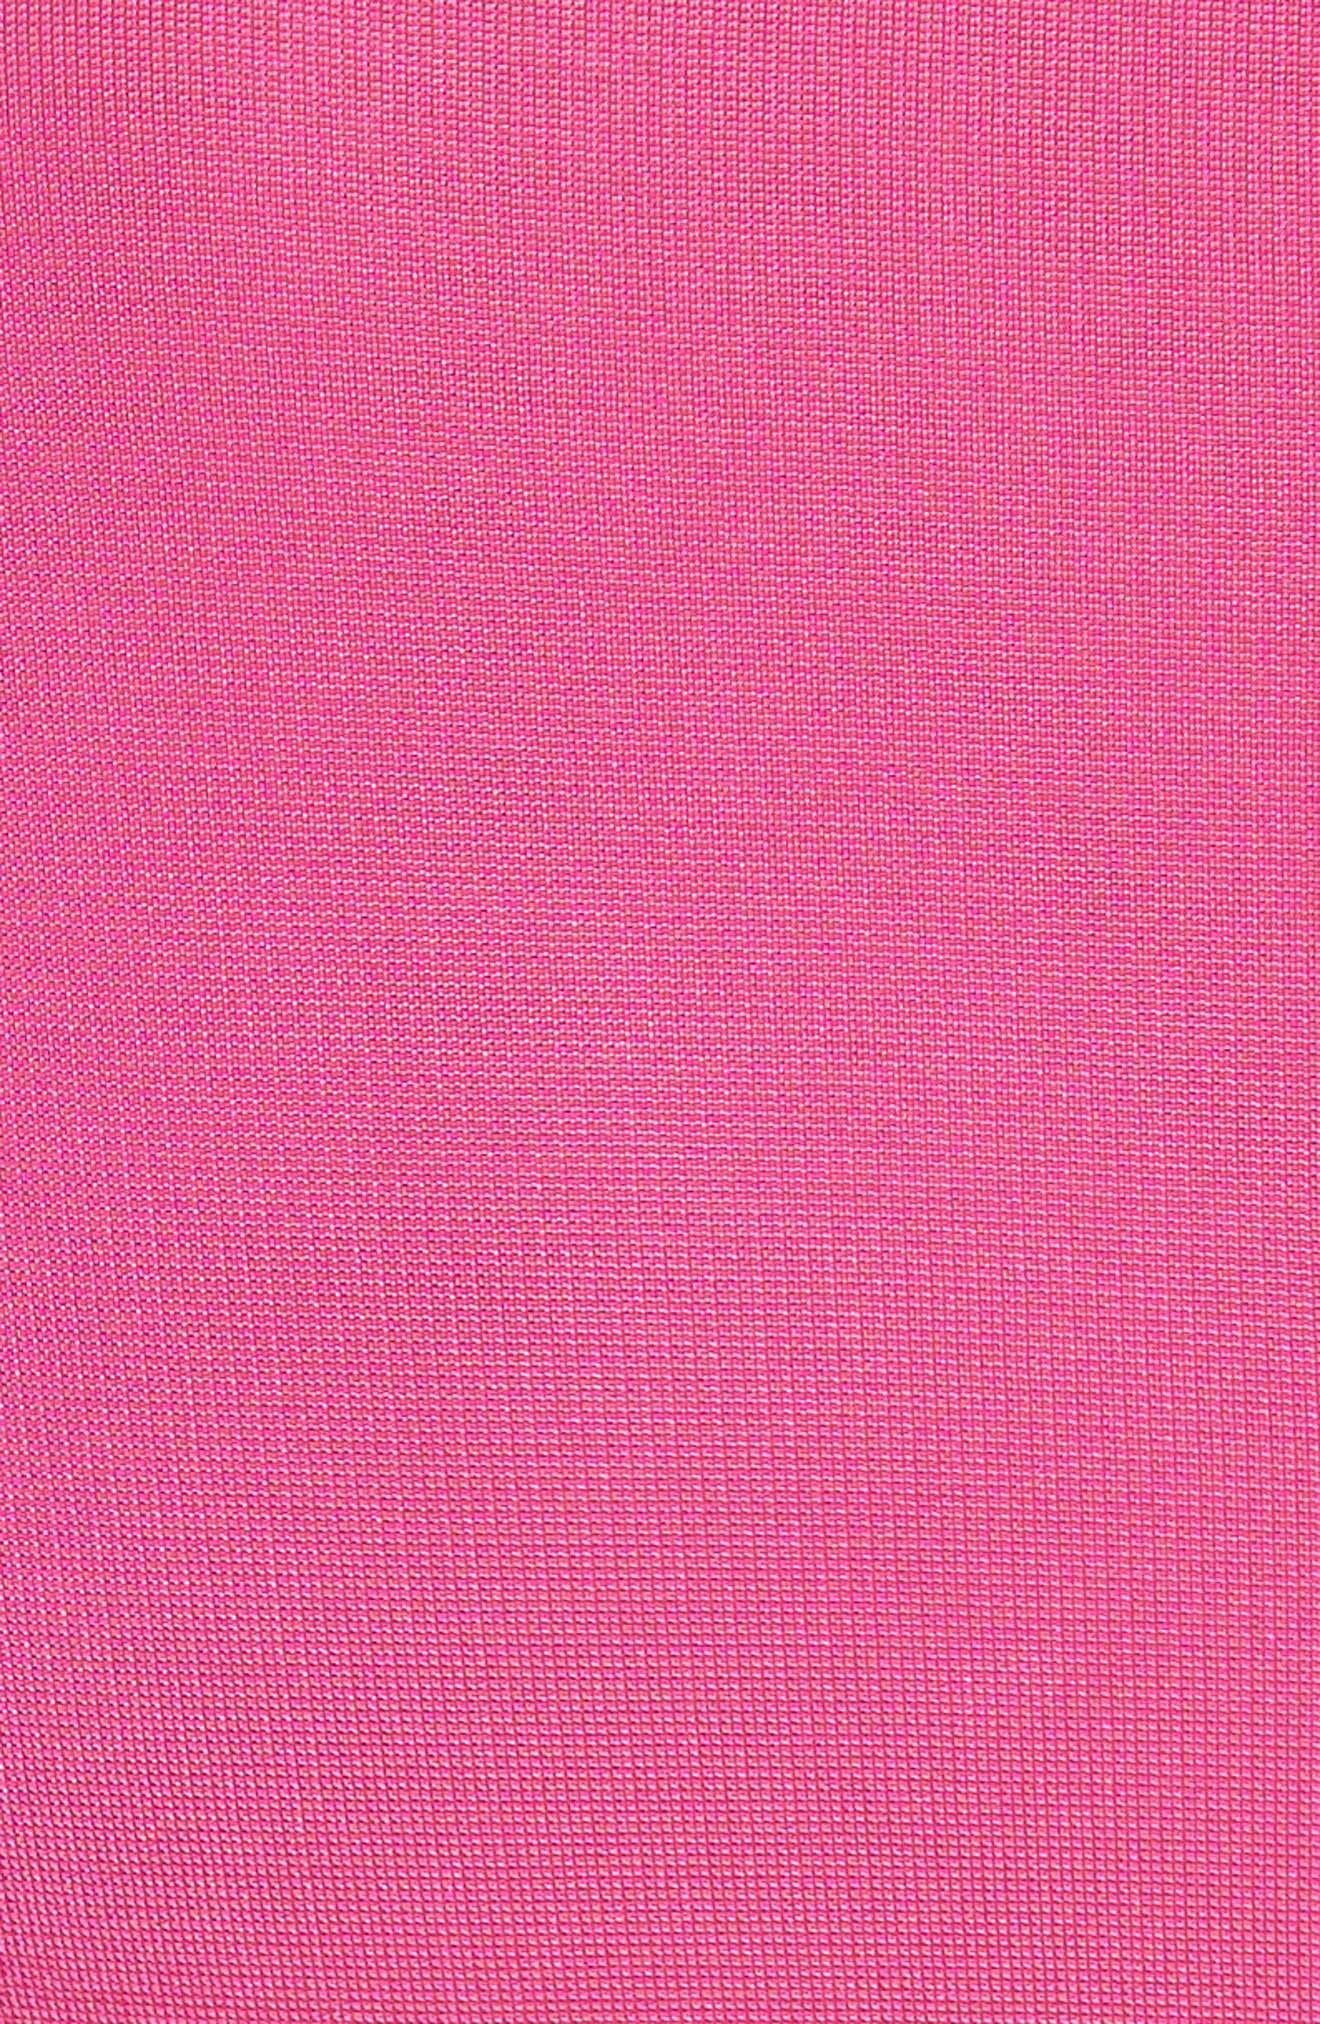 Fallon Slit Skirt Jersey Maxi Dress,                             Alternate thumbnail 6, color,                             Flamingo